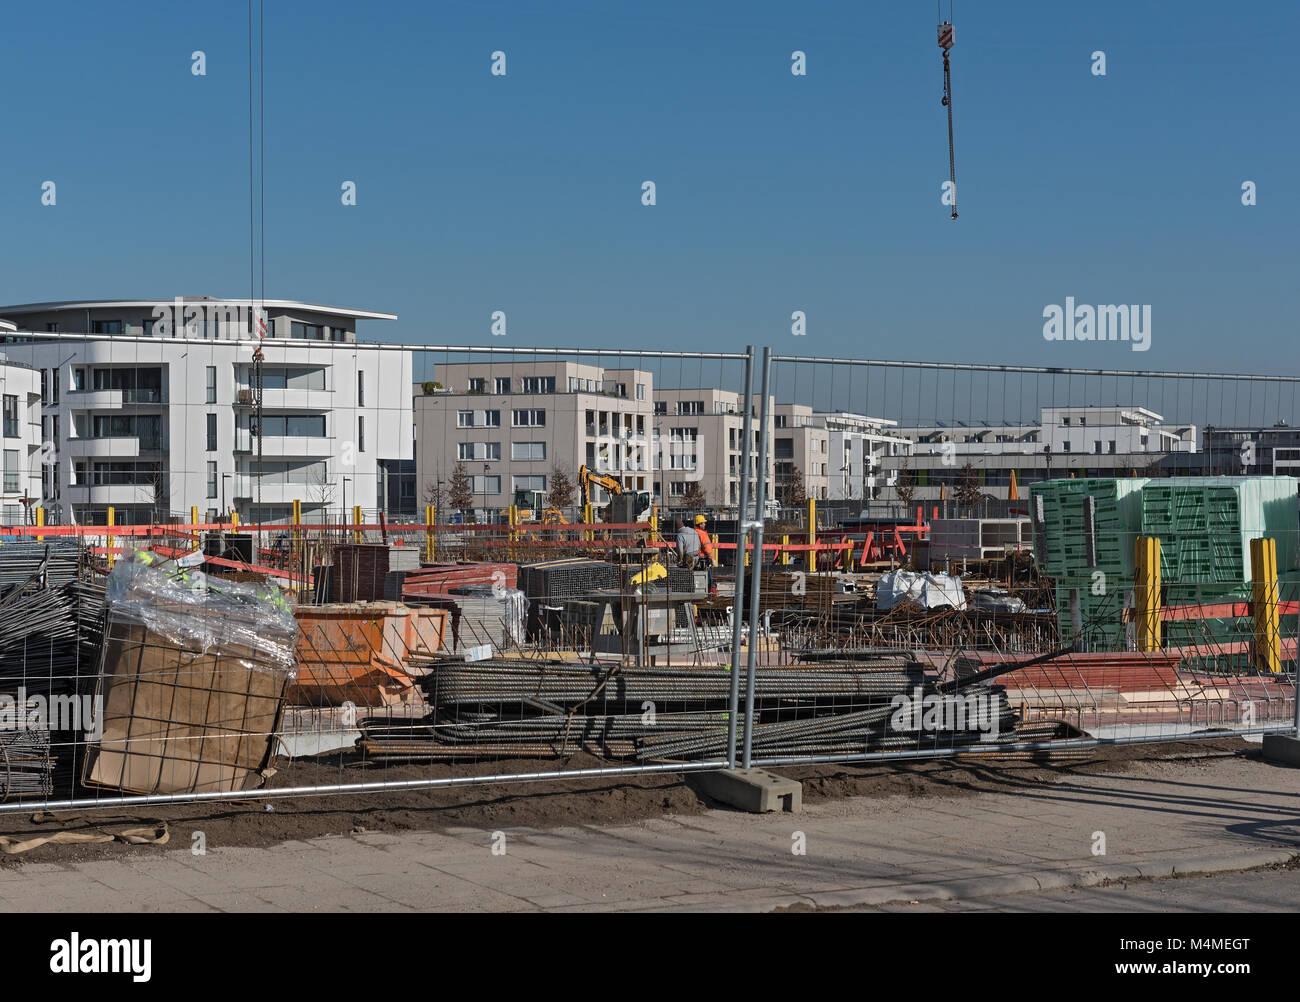 Sito in costruzione di diversi edifici residenziali nel nuovo distretto di Riedberg Immagini Stock